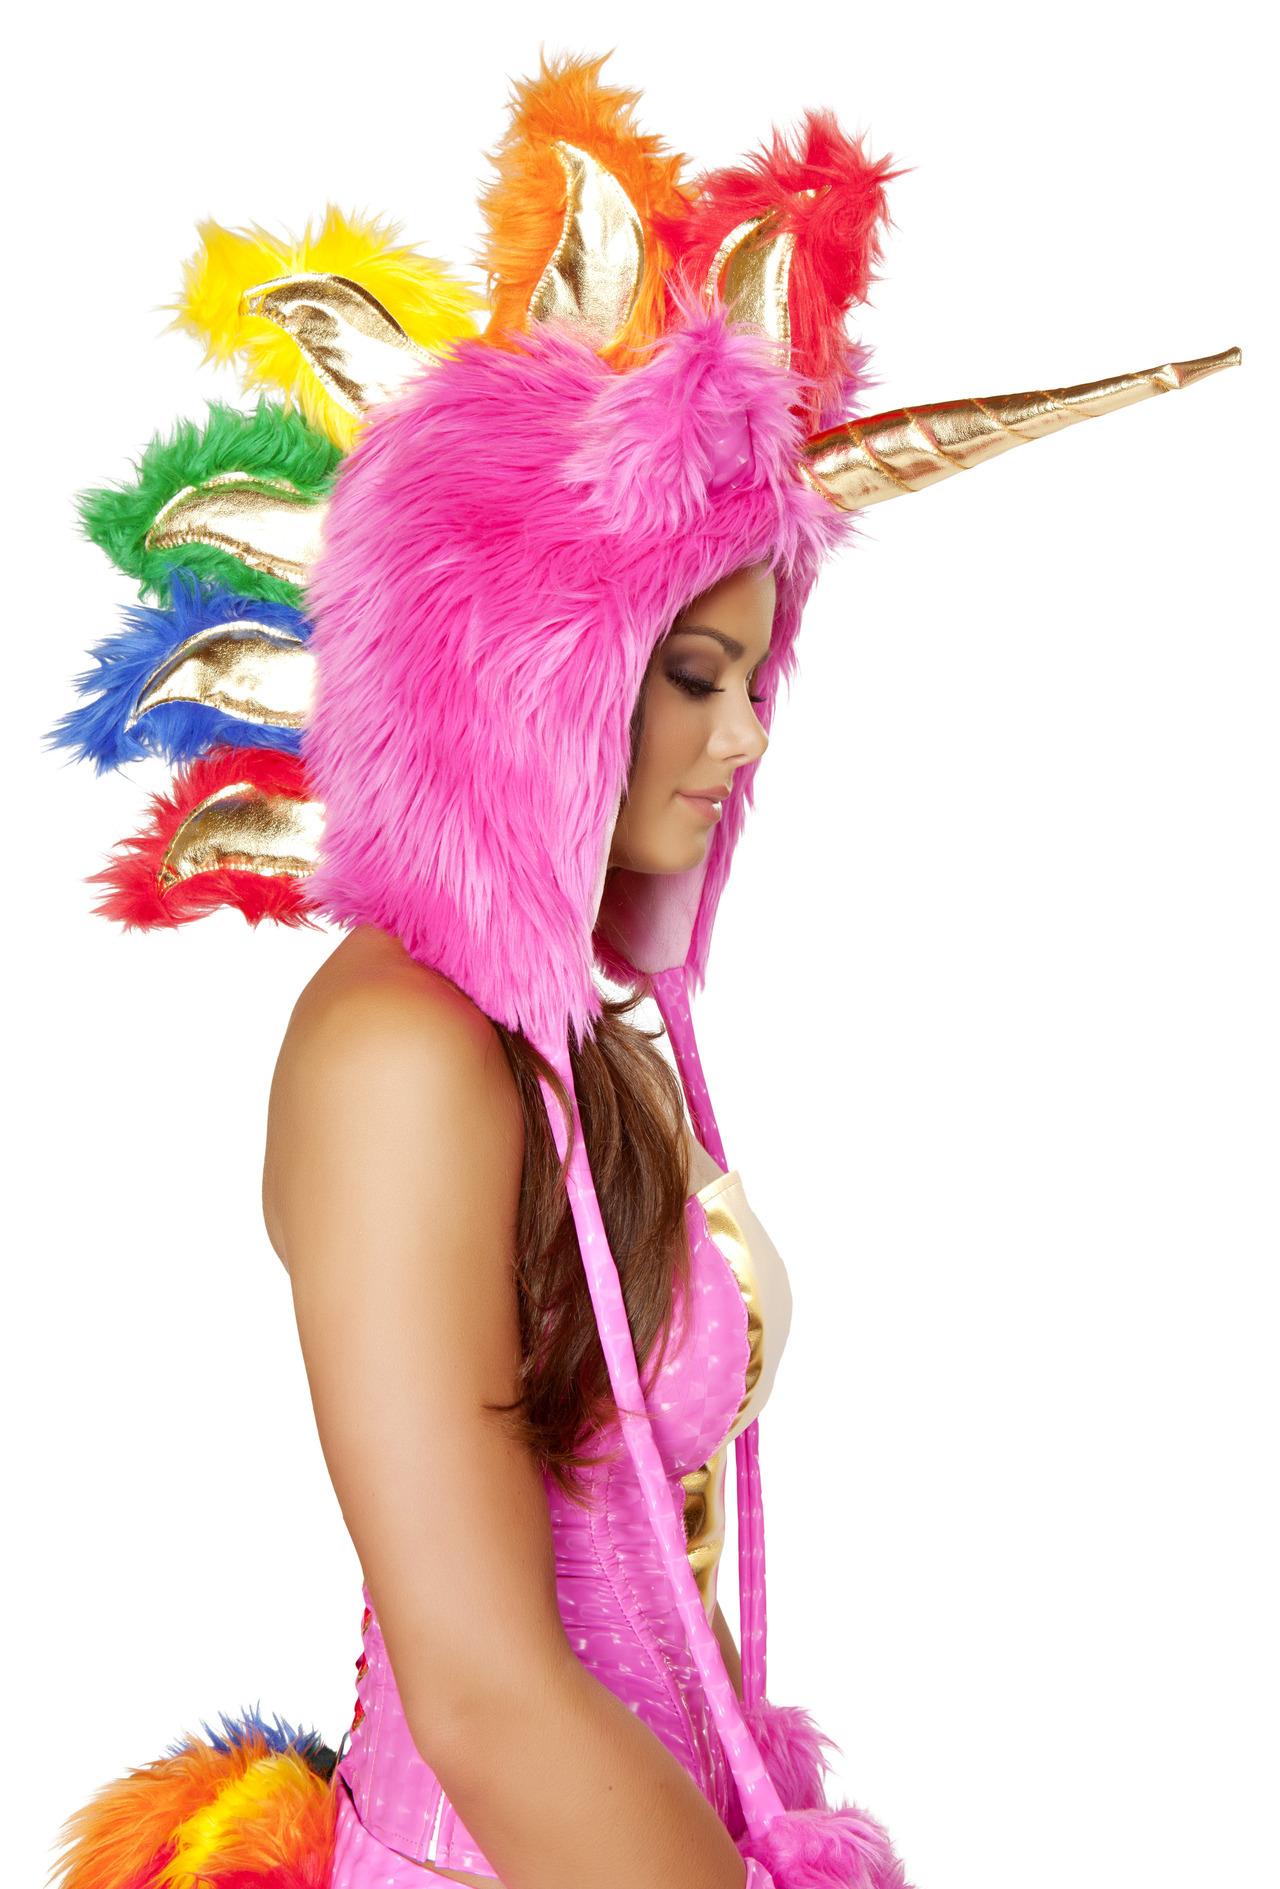 Josie Stevens Josie Loves J Valentine Pink Unicorn Hood